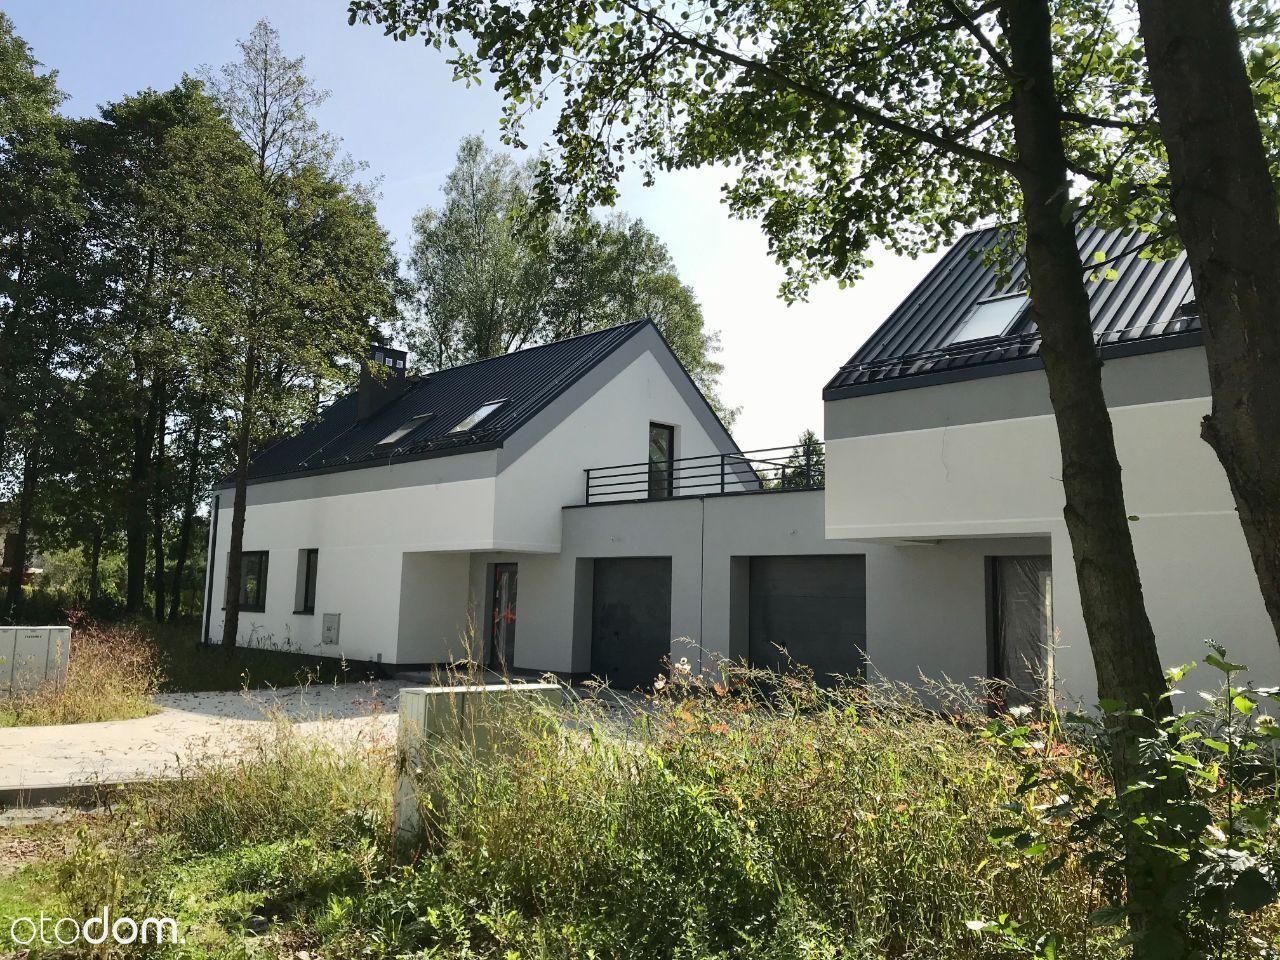 PRZEGINIA DUCHOWNA Piękne domy 121,2 m2